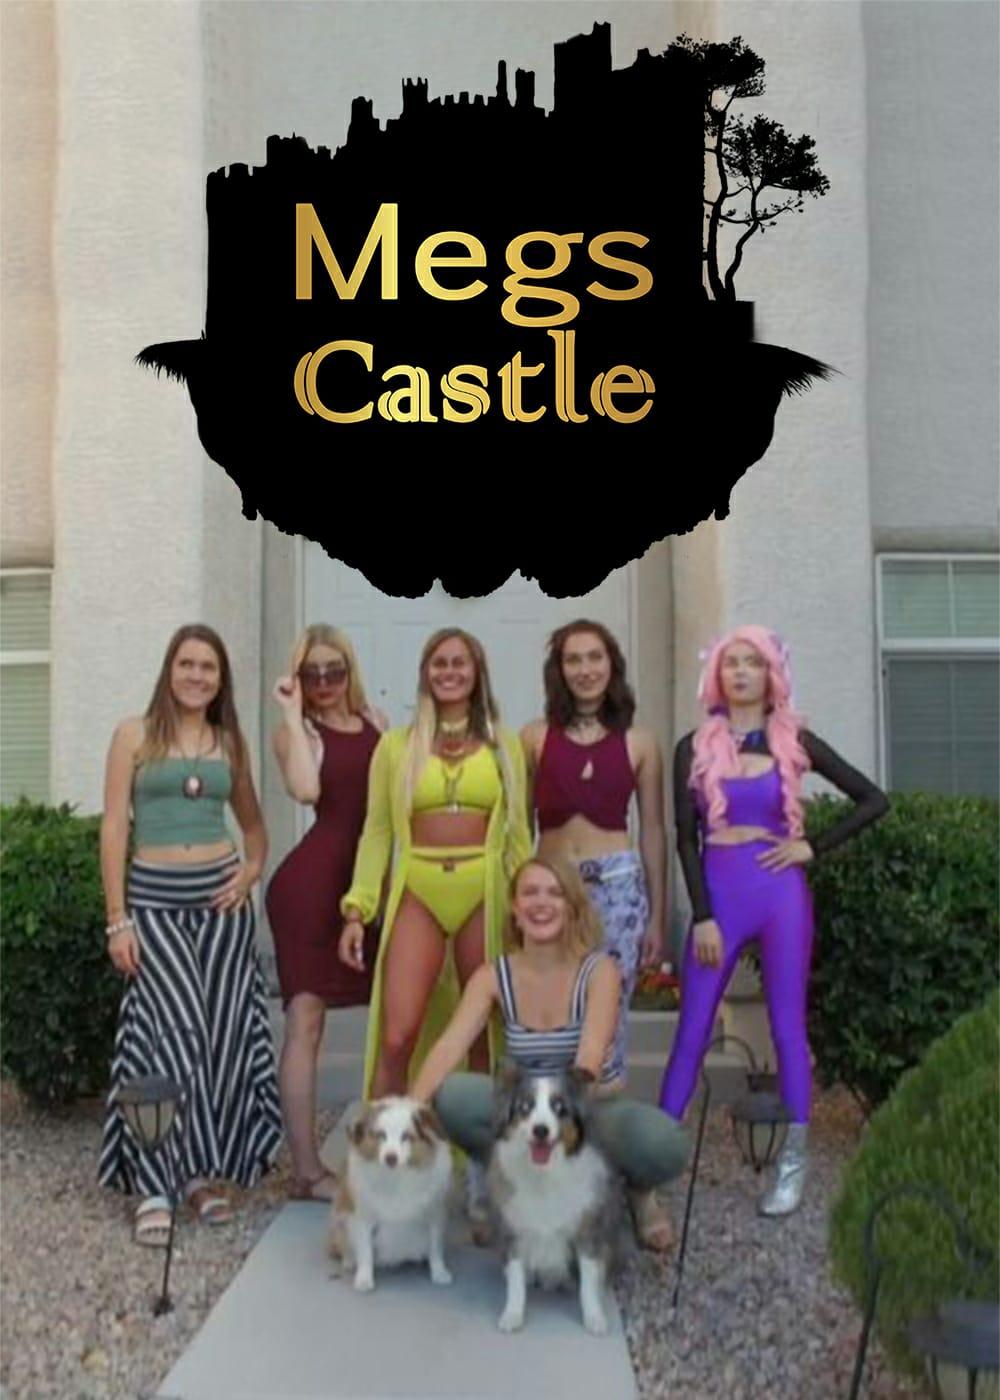 Megs Castle